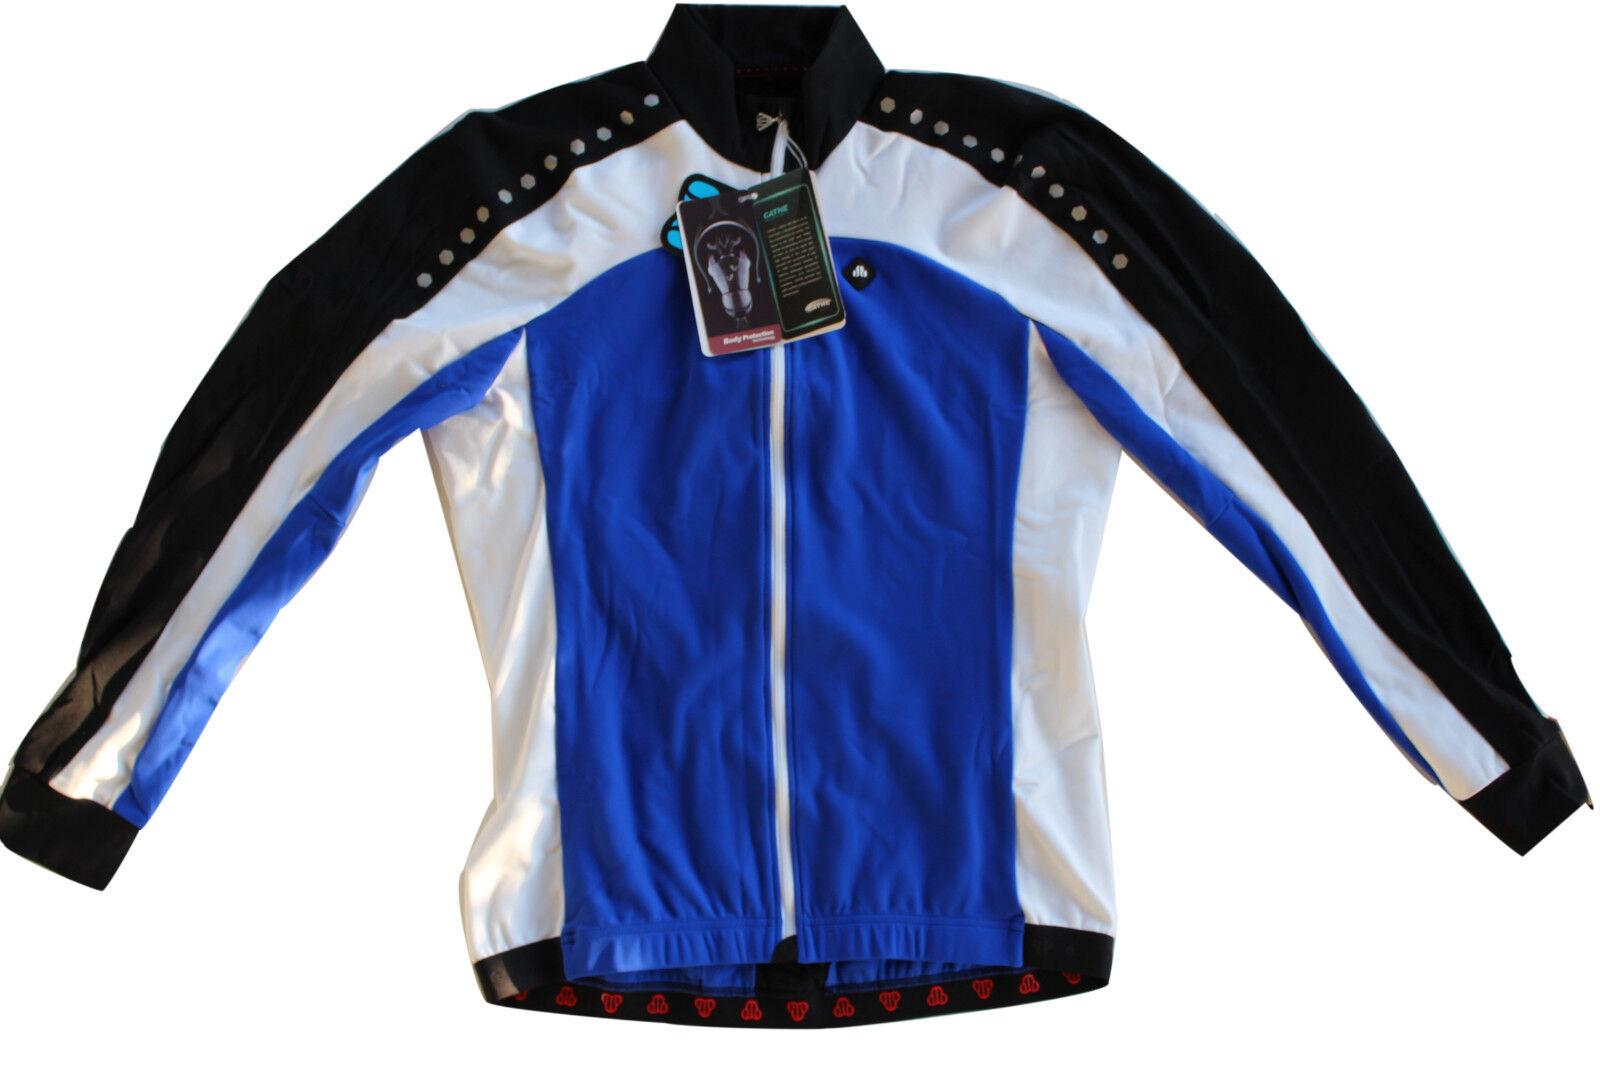 Giubbino bike invernale ciclismo giacca traspirante felpata mtb BICI  Corsa 3XL